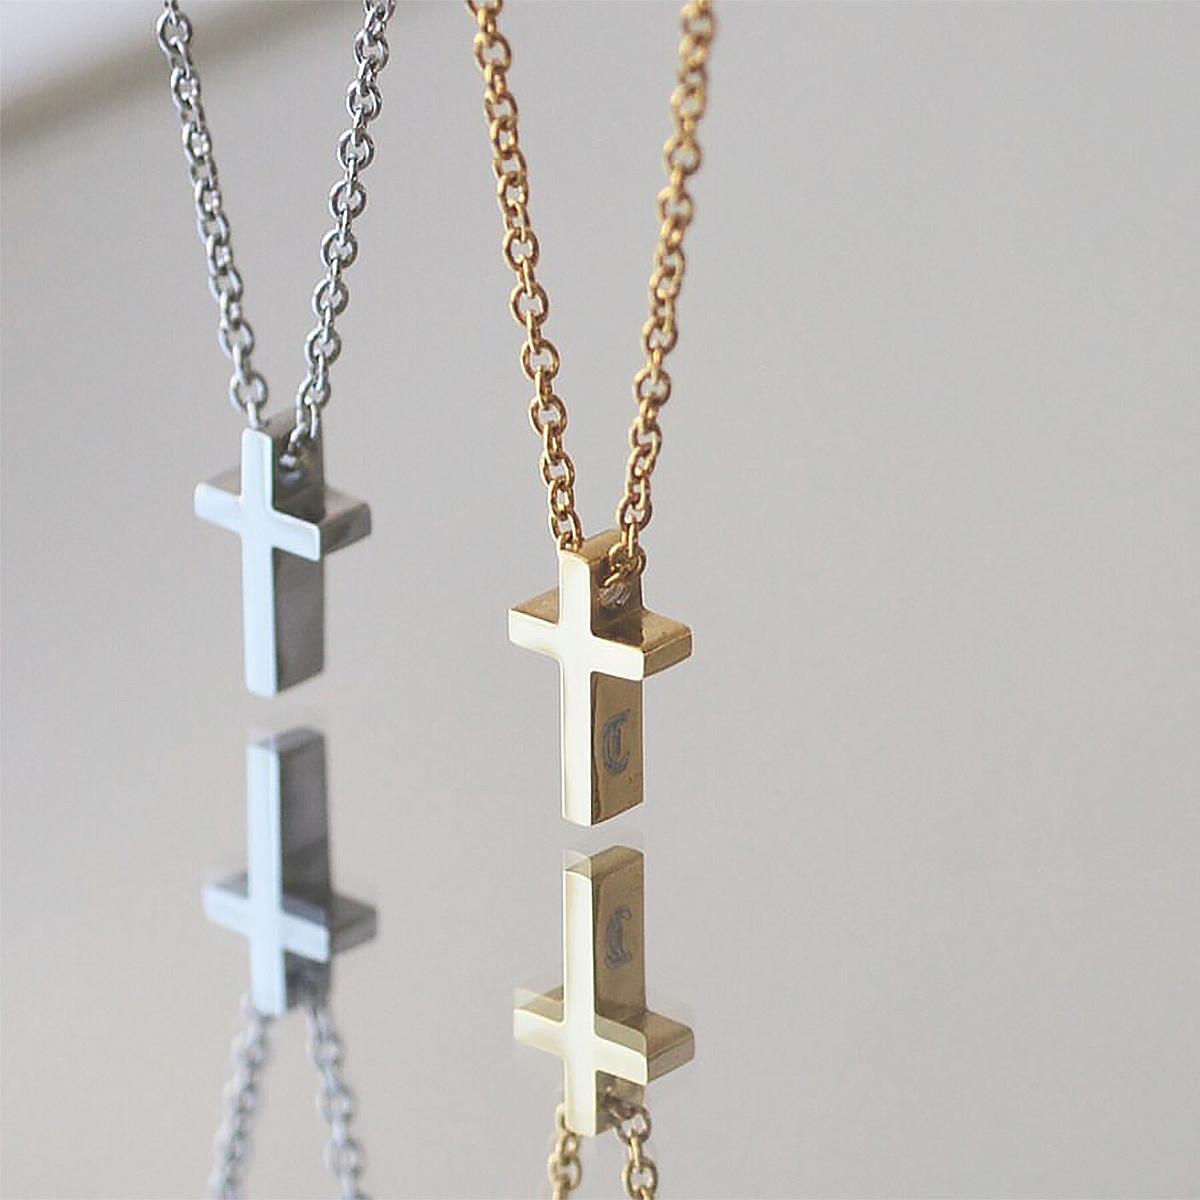 つけっぱなしok 刻印無料  ピュア クロス ペアネックレス イニシャル彫刻 ステンレス ペアペンダント  Lauss PairNecklace